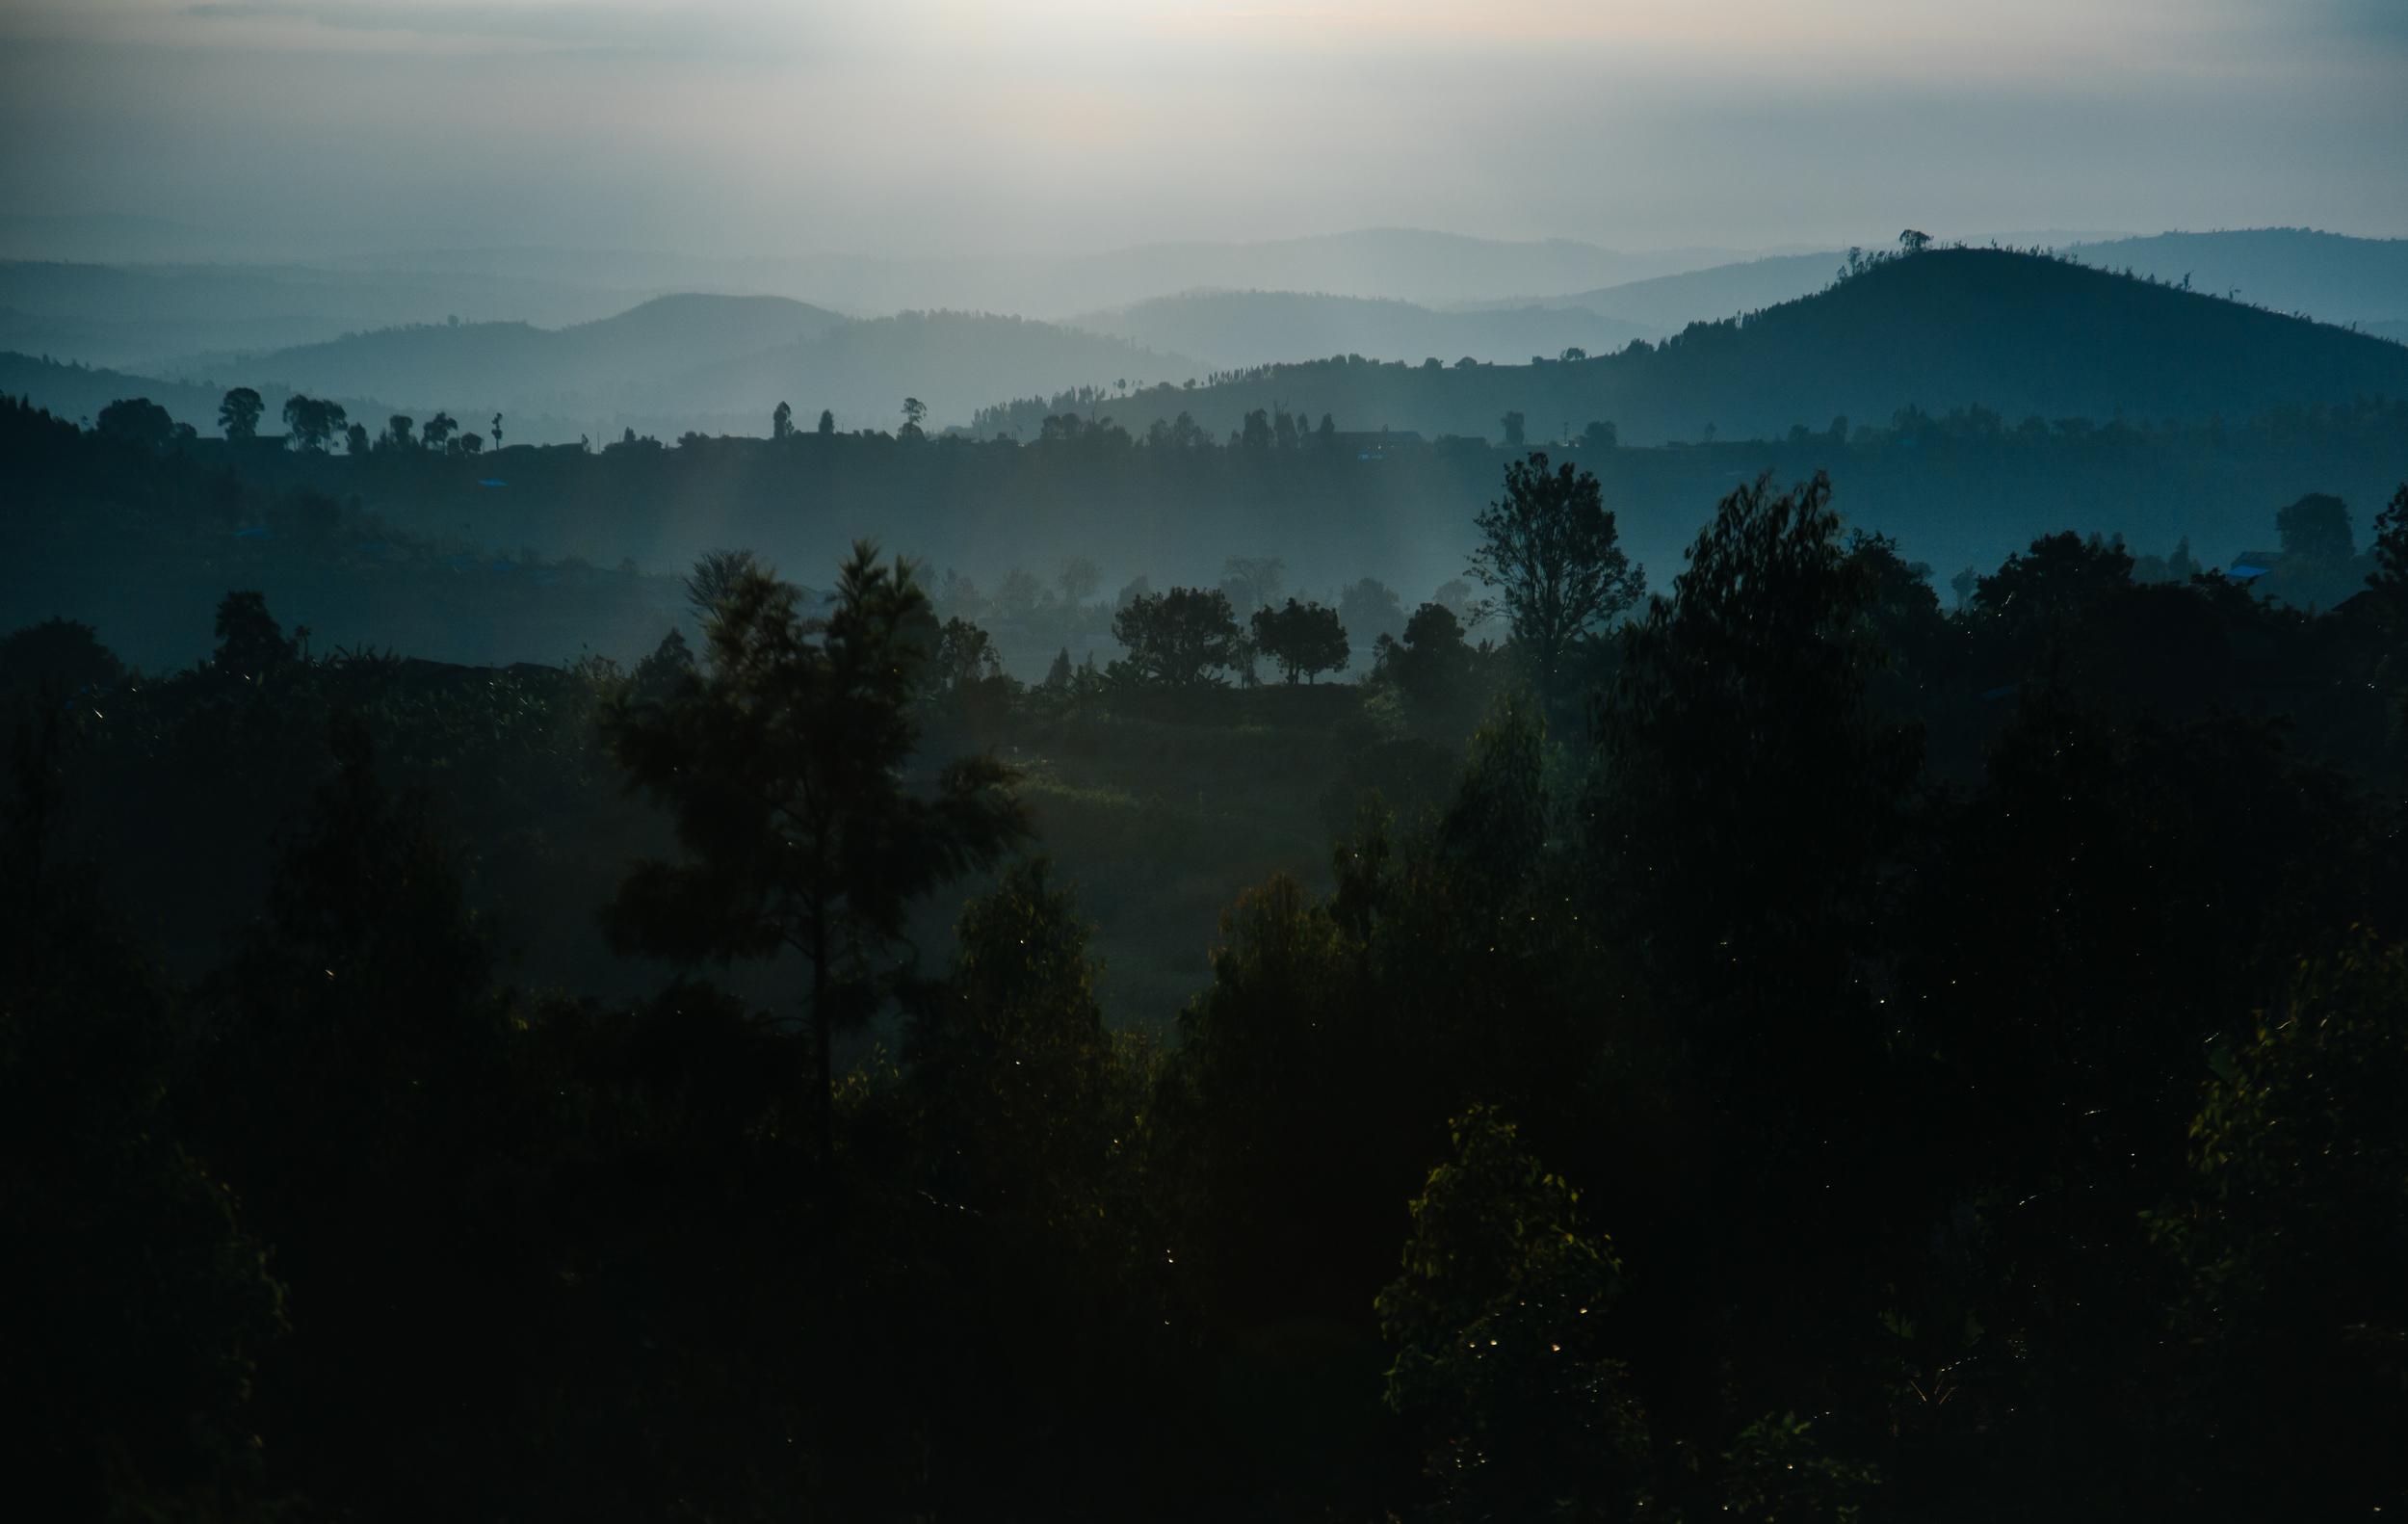 Rwanda Day_DK--Print-101-4 copy.jpg